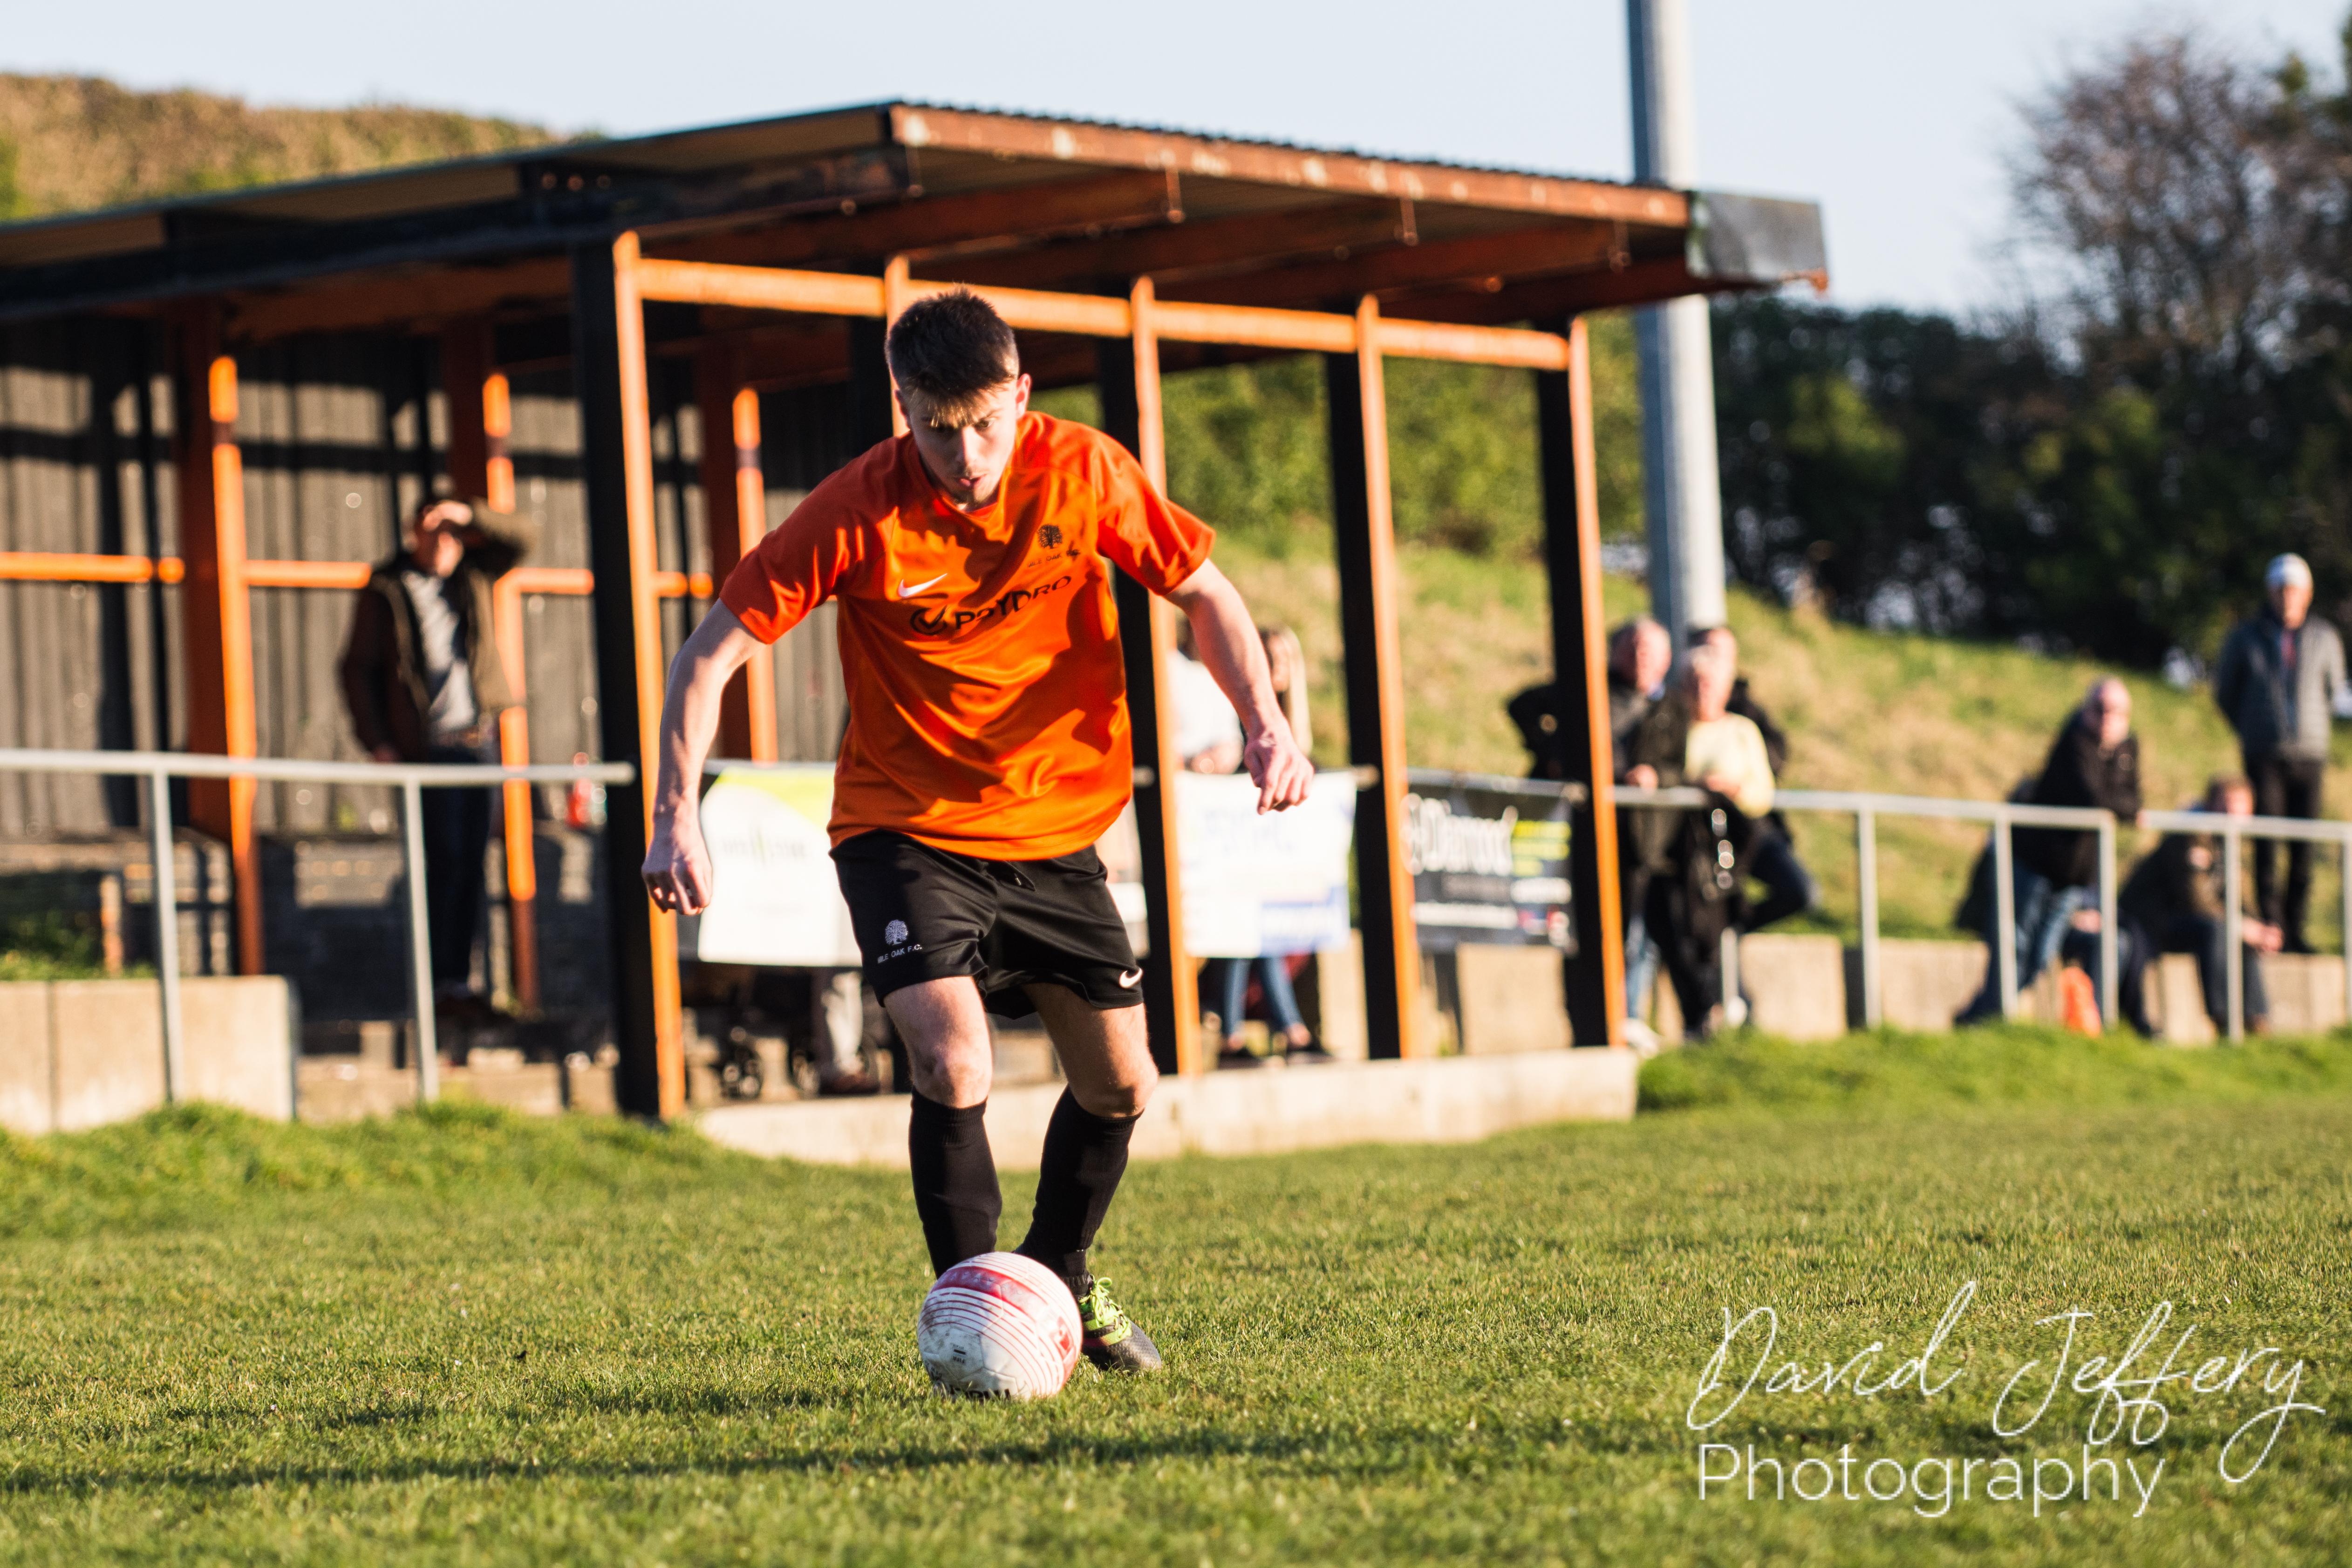 DAVID_JEFFERY MOFC vs Storrington 047